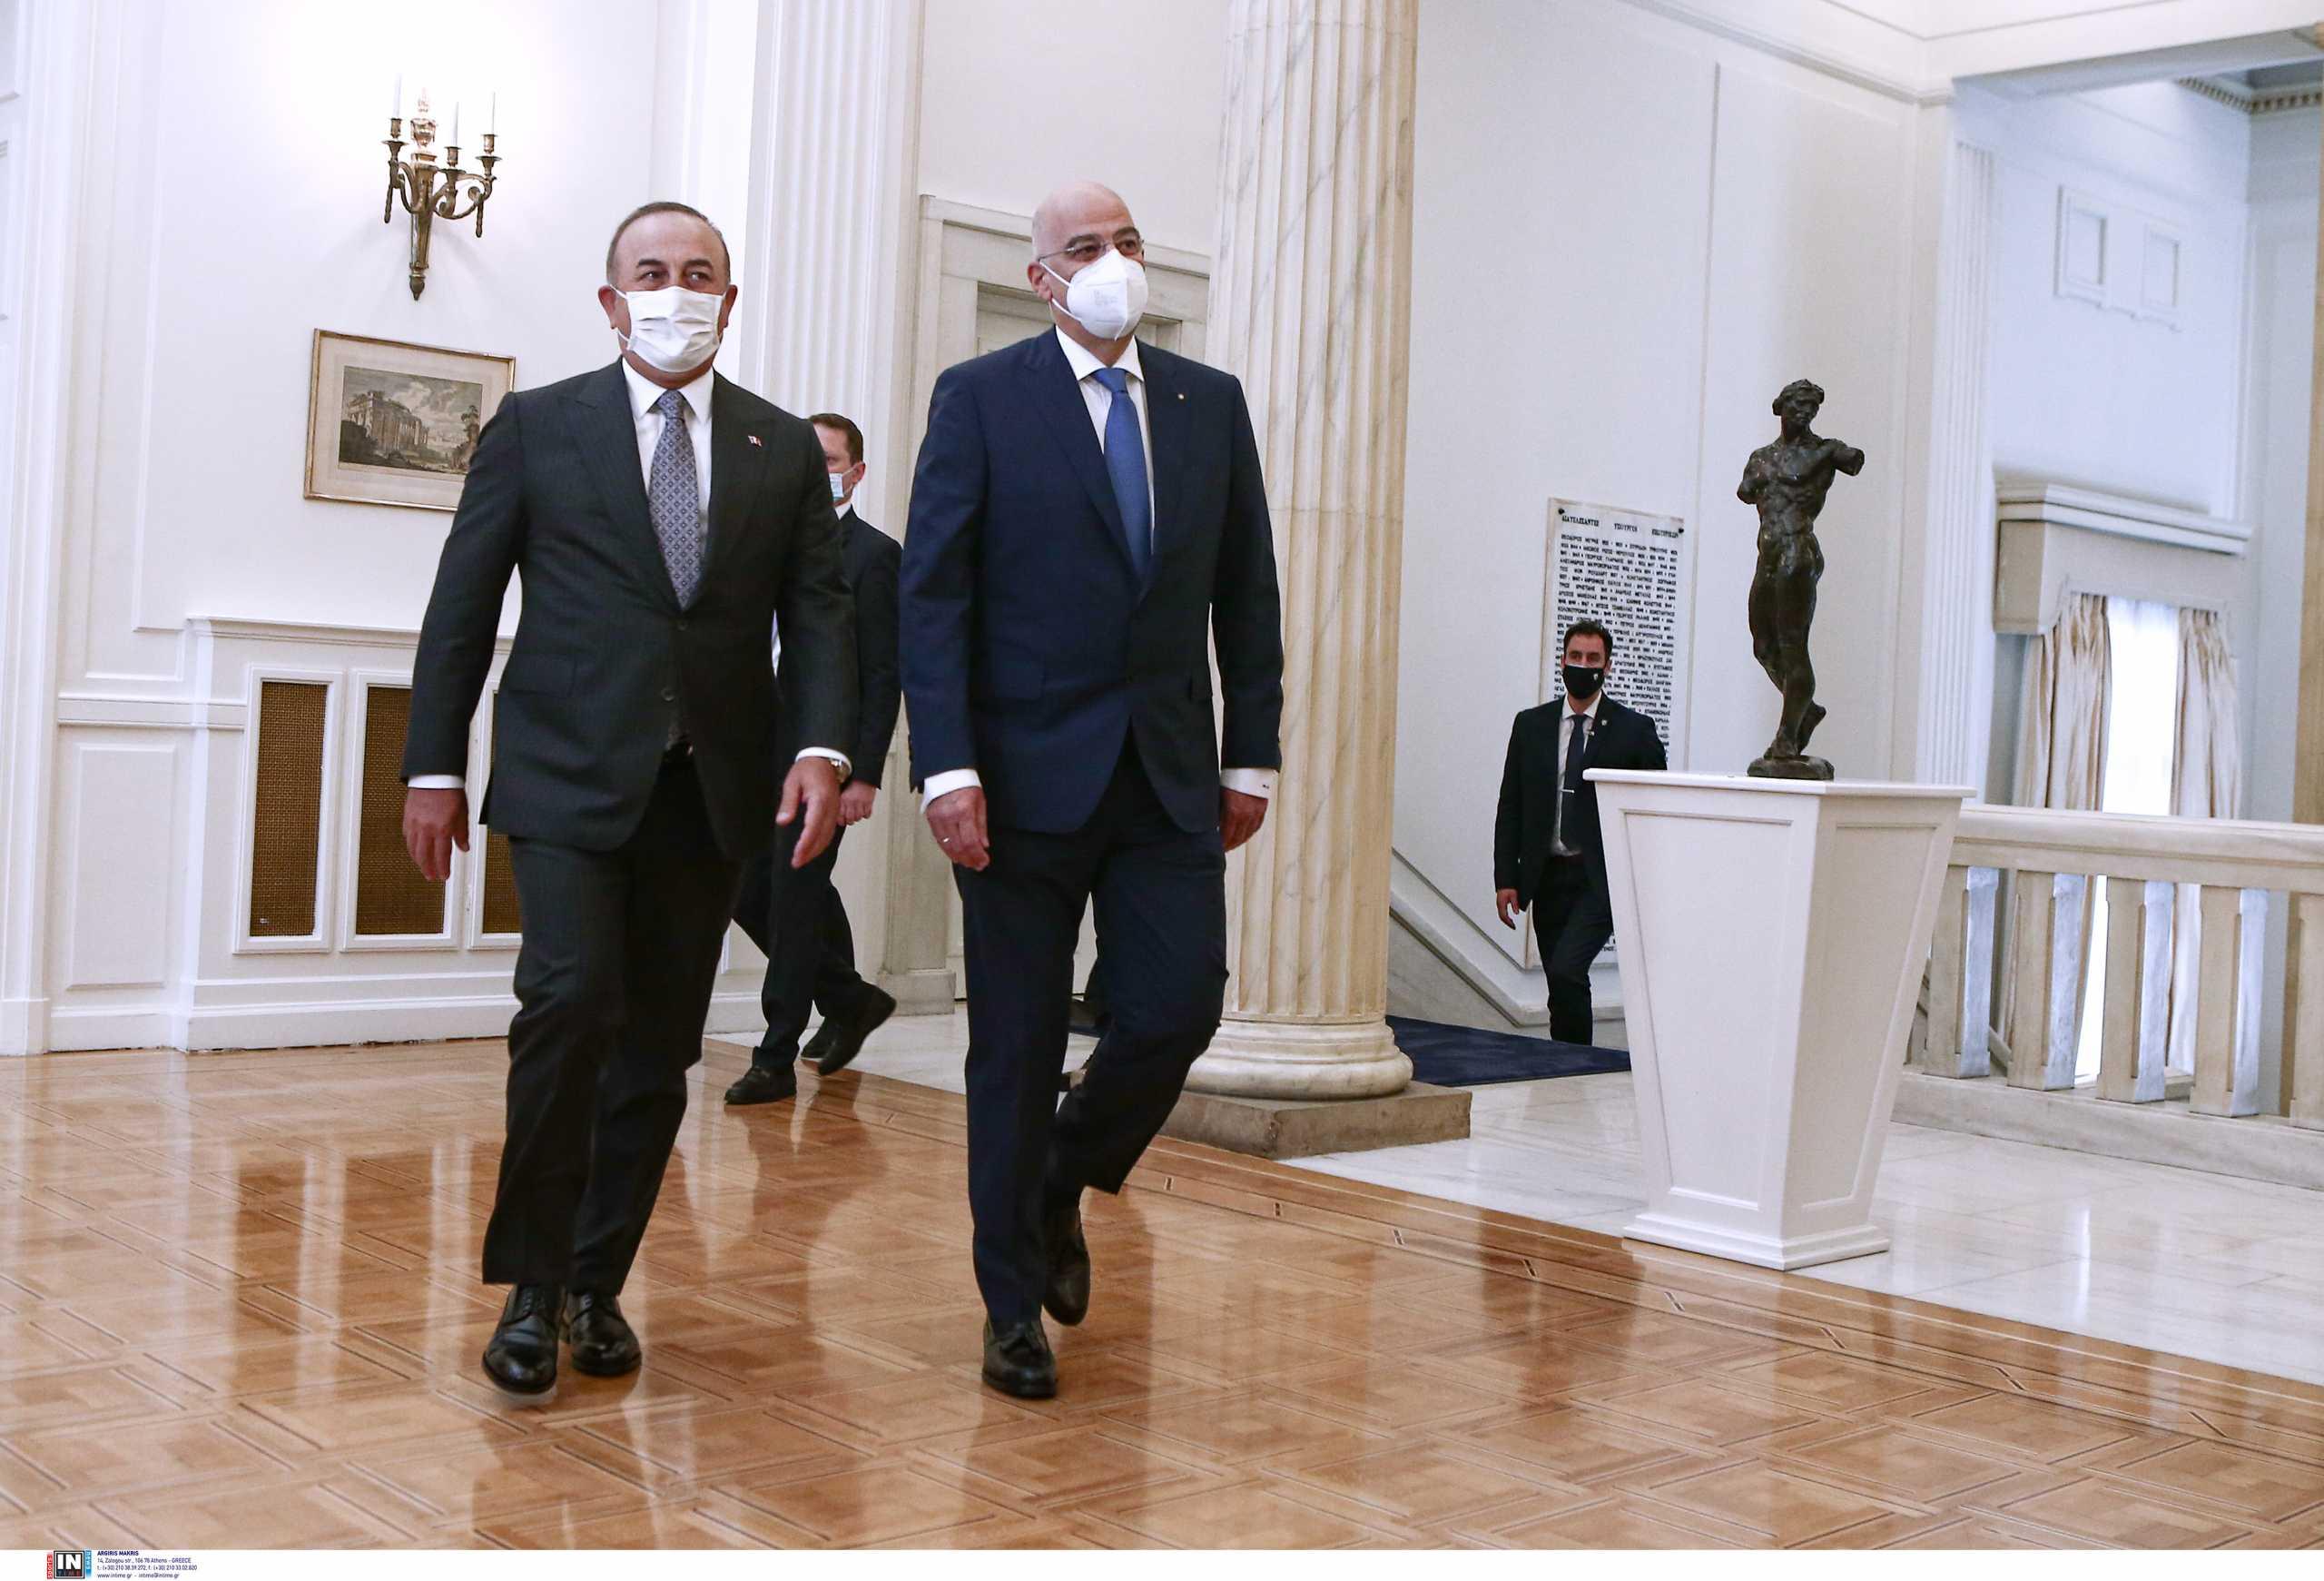 Επίσκεψη Τσαβούσογλου: Το παρασκήνιο και η… συμφωνία που τηρήθηκε